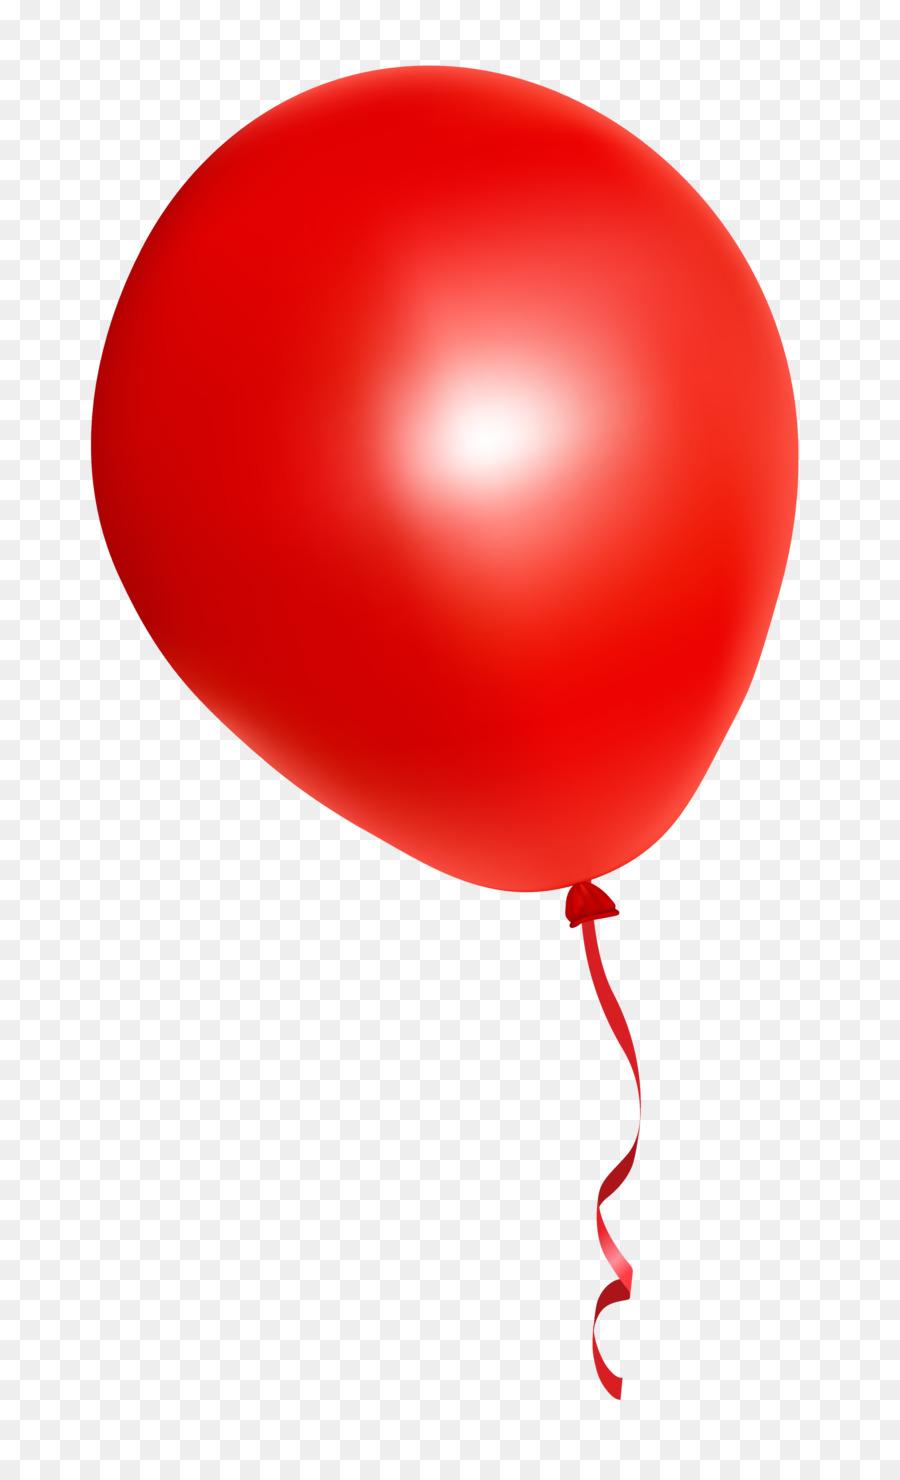 Красный шарик воздушный картинка перед